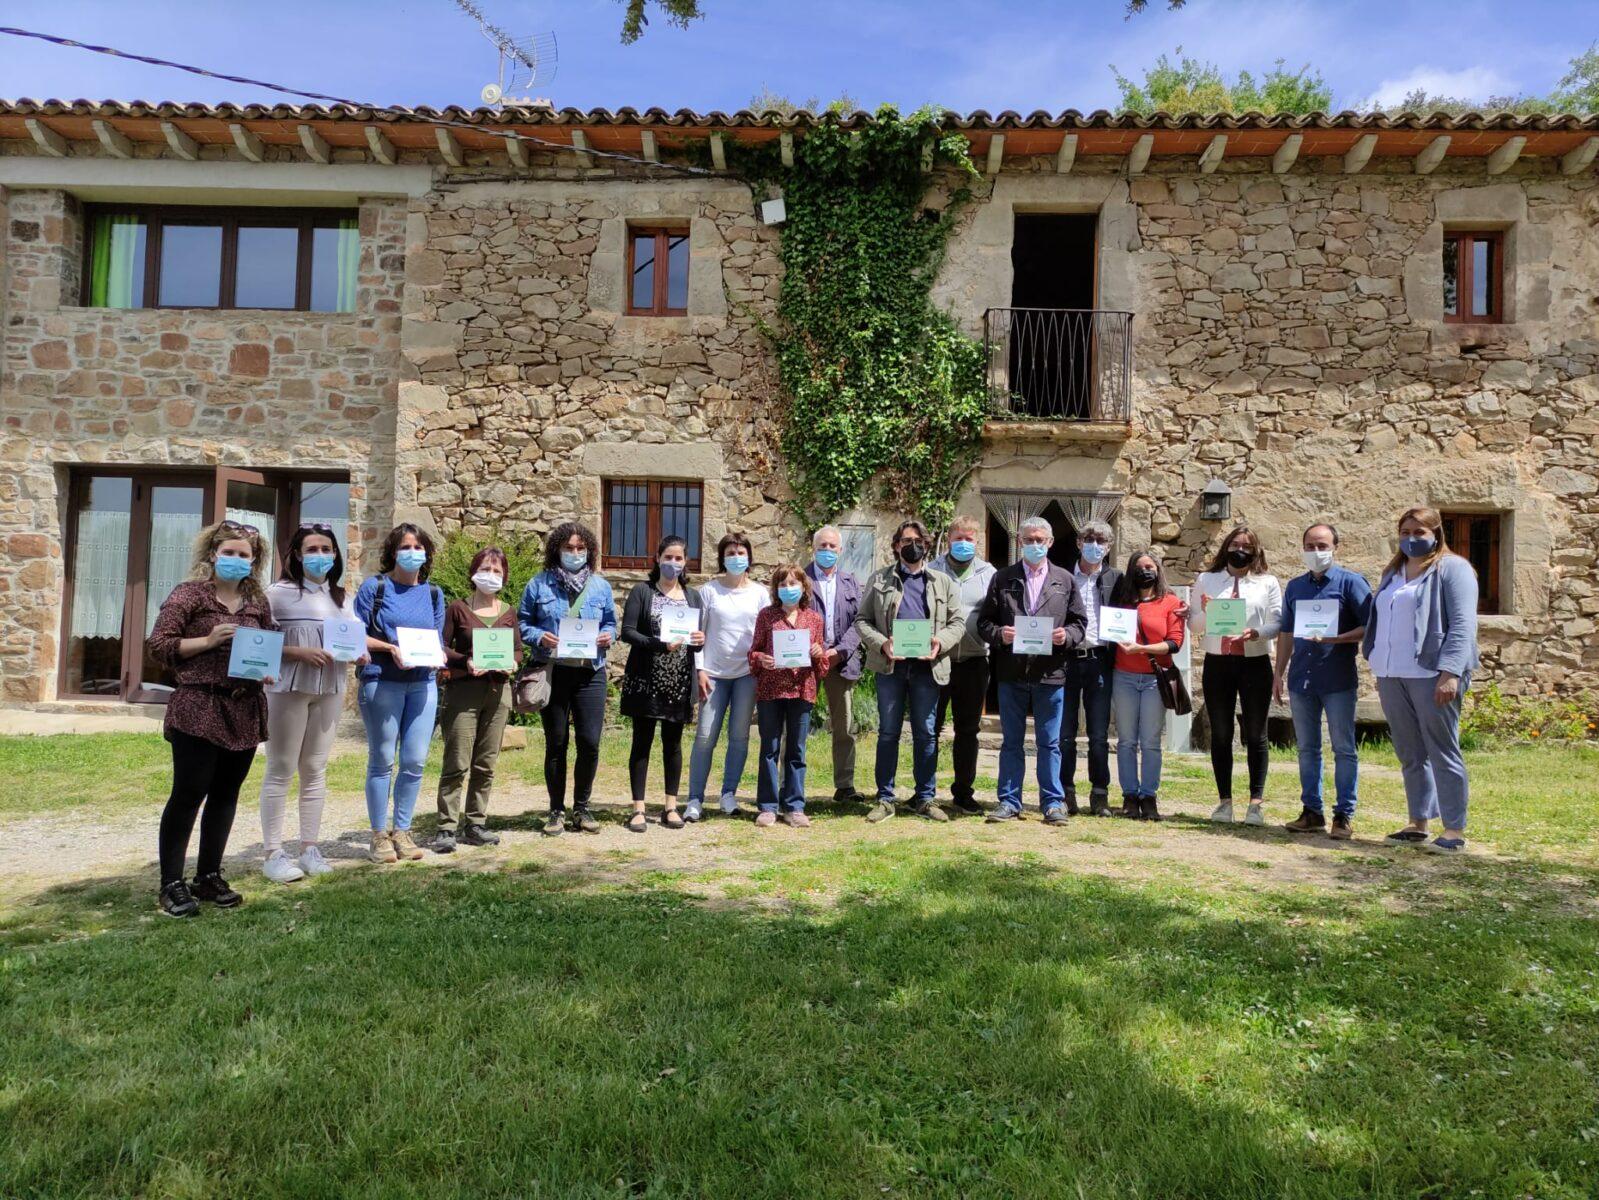 ELS AGENTS TURÍSTICS D'OSONA CONSOLIDEN L'APOSTA PER LA SOSTENIBILITAT TURÍSTICA A LA COMARCA